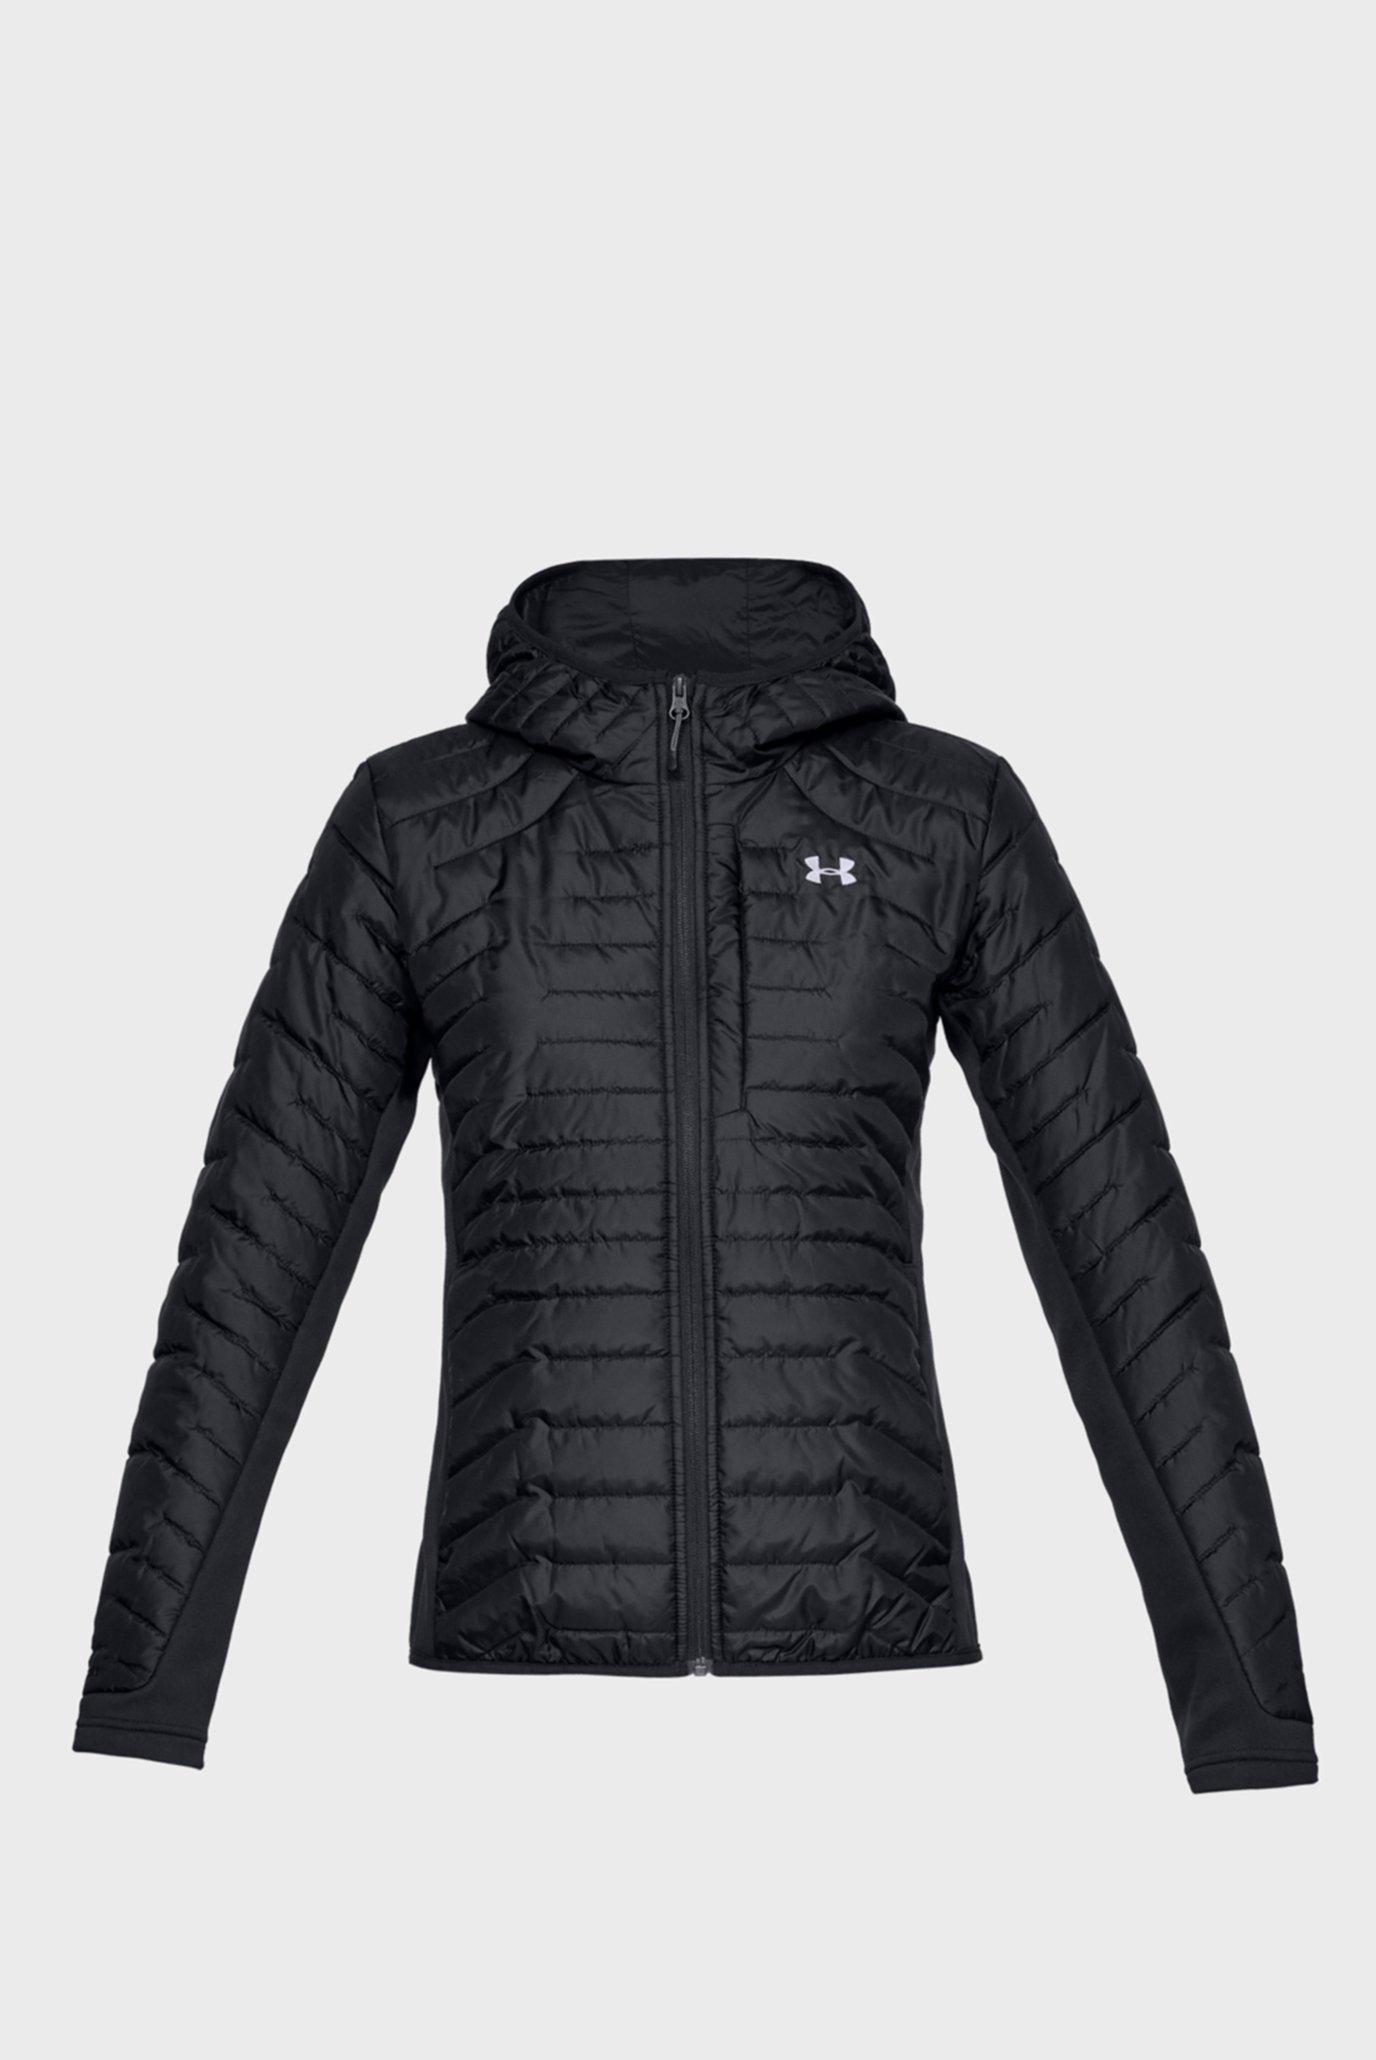 Купить Женская черная куртка UA CG Reactor Hybrid Jacket Under Armour Under Armour 1316037-001 – Киев, Украина. Цены в интернет магазине MD Fashion